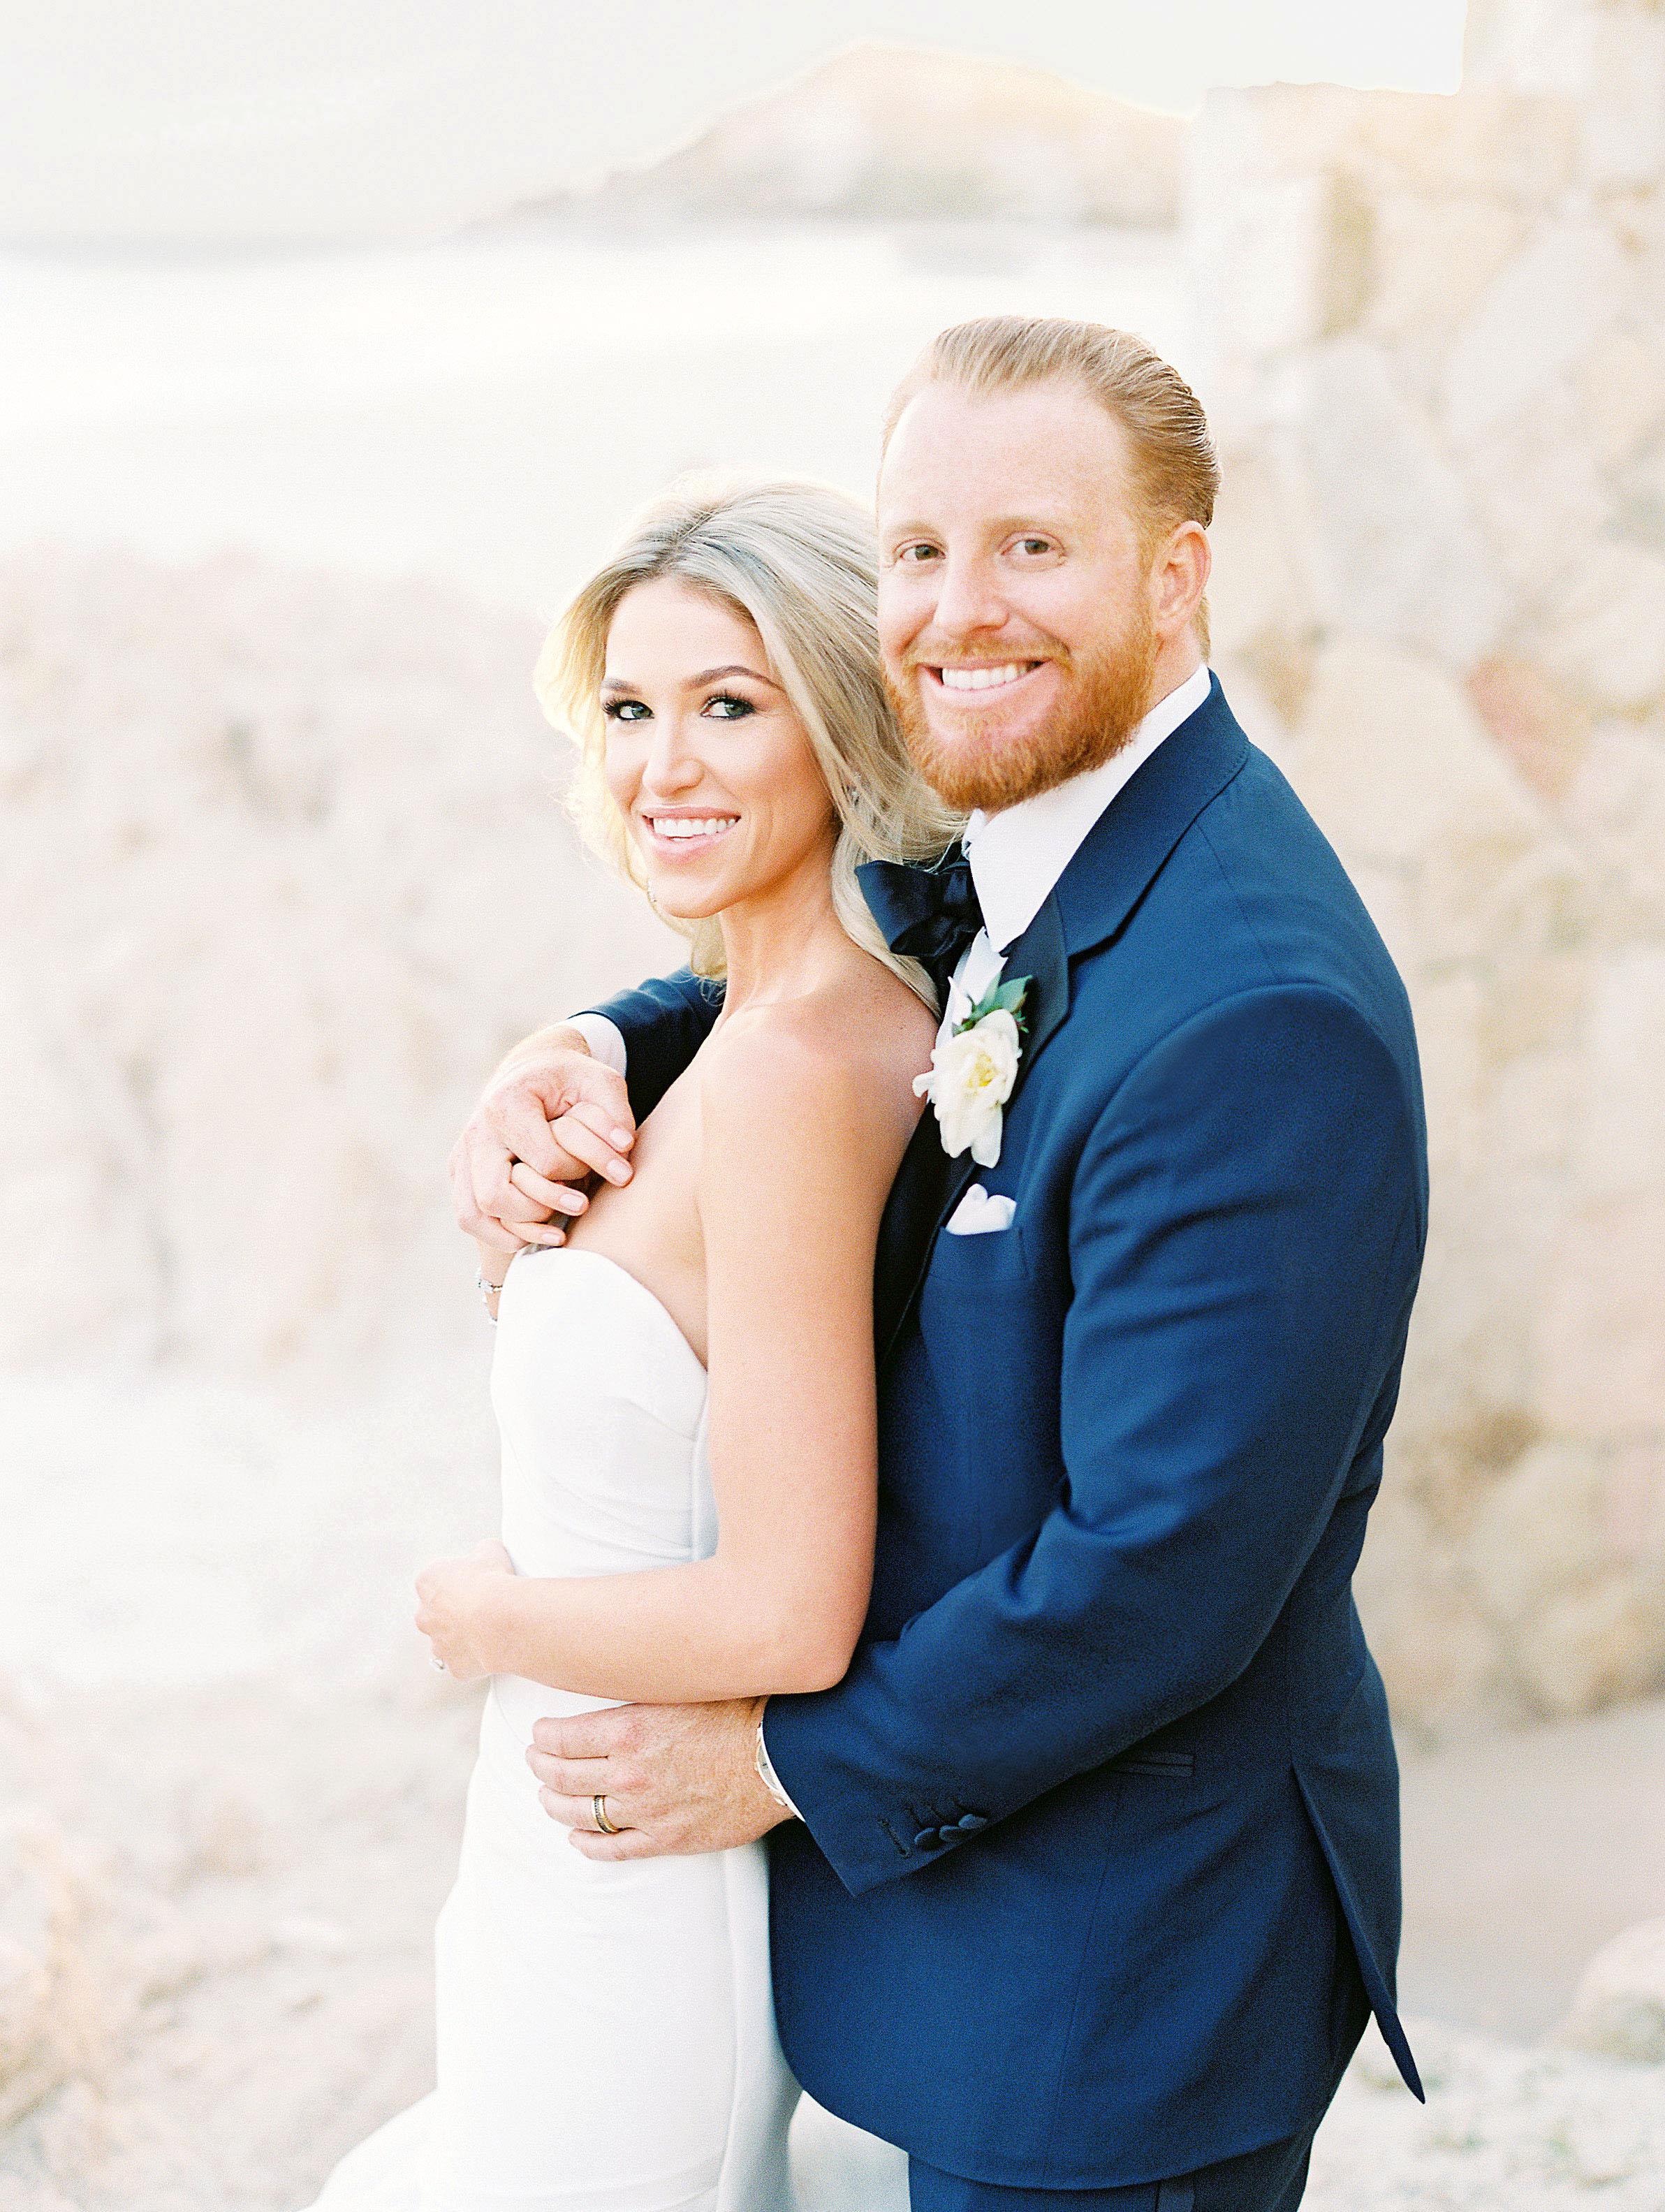 kourtney justin wedding mexico couple close up